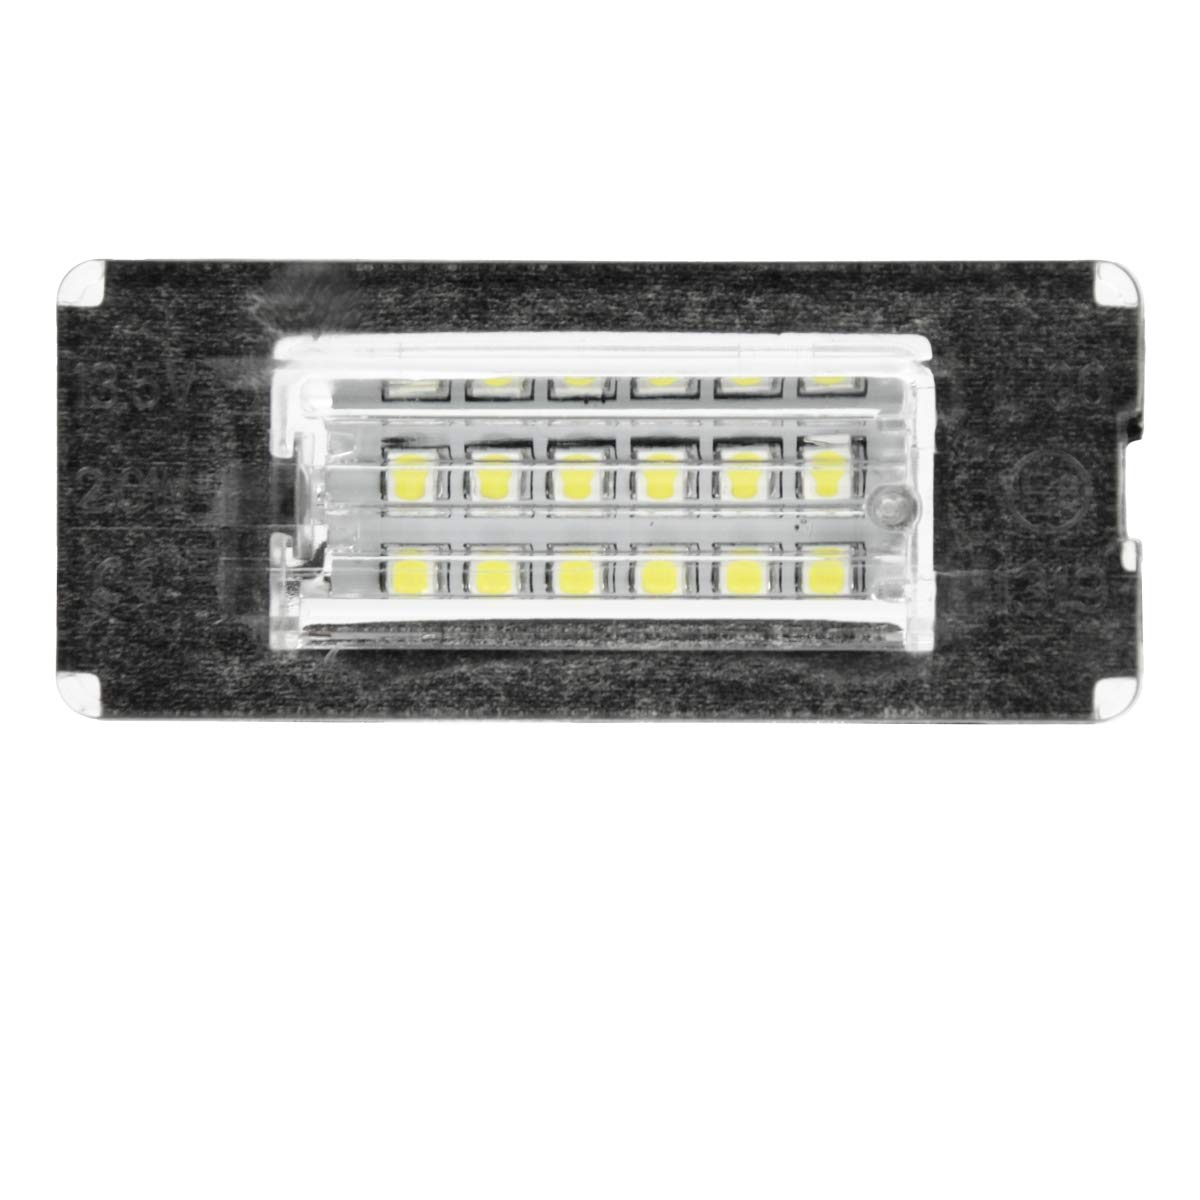 Kennzeichen Beleuchtung Nummernschilder Licht mit E-Pr/üfzeichen ECD Germany LED Kennzeichenbeleuchtung 6000K Xenon Wei/ß